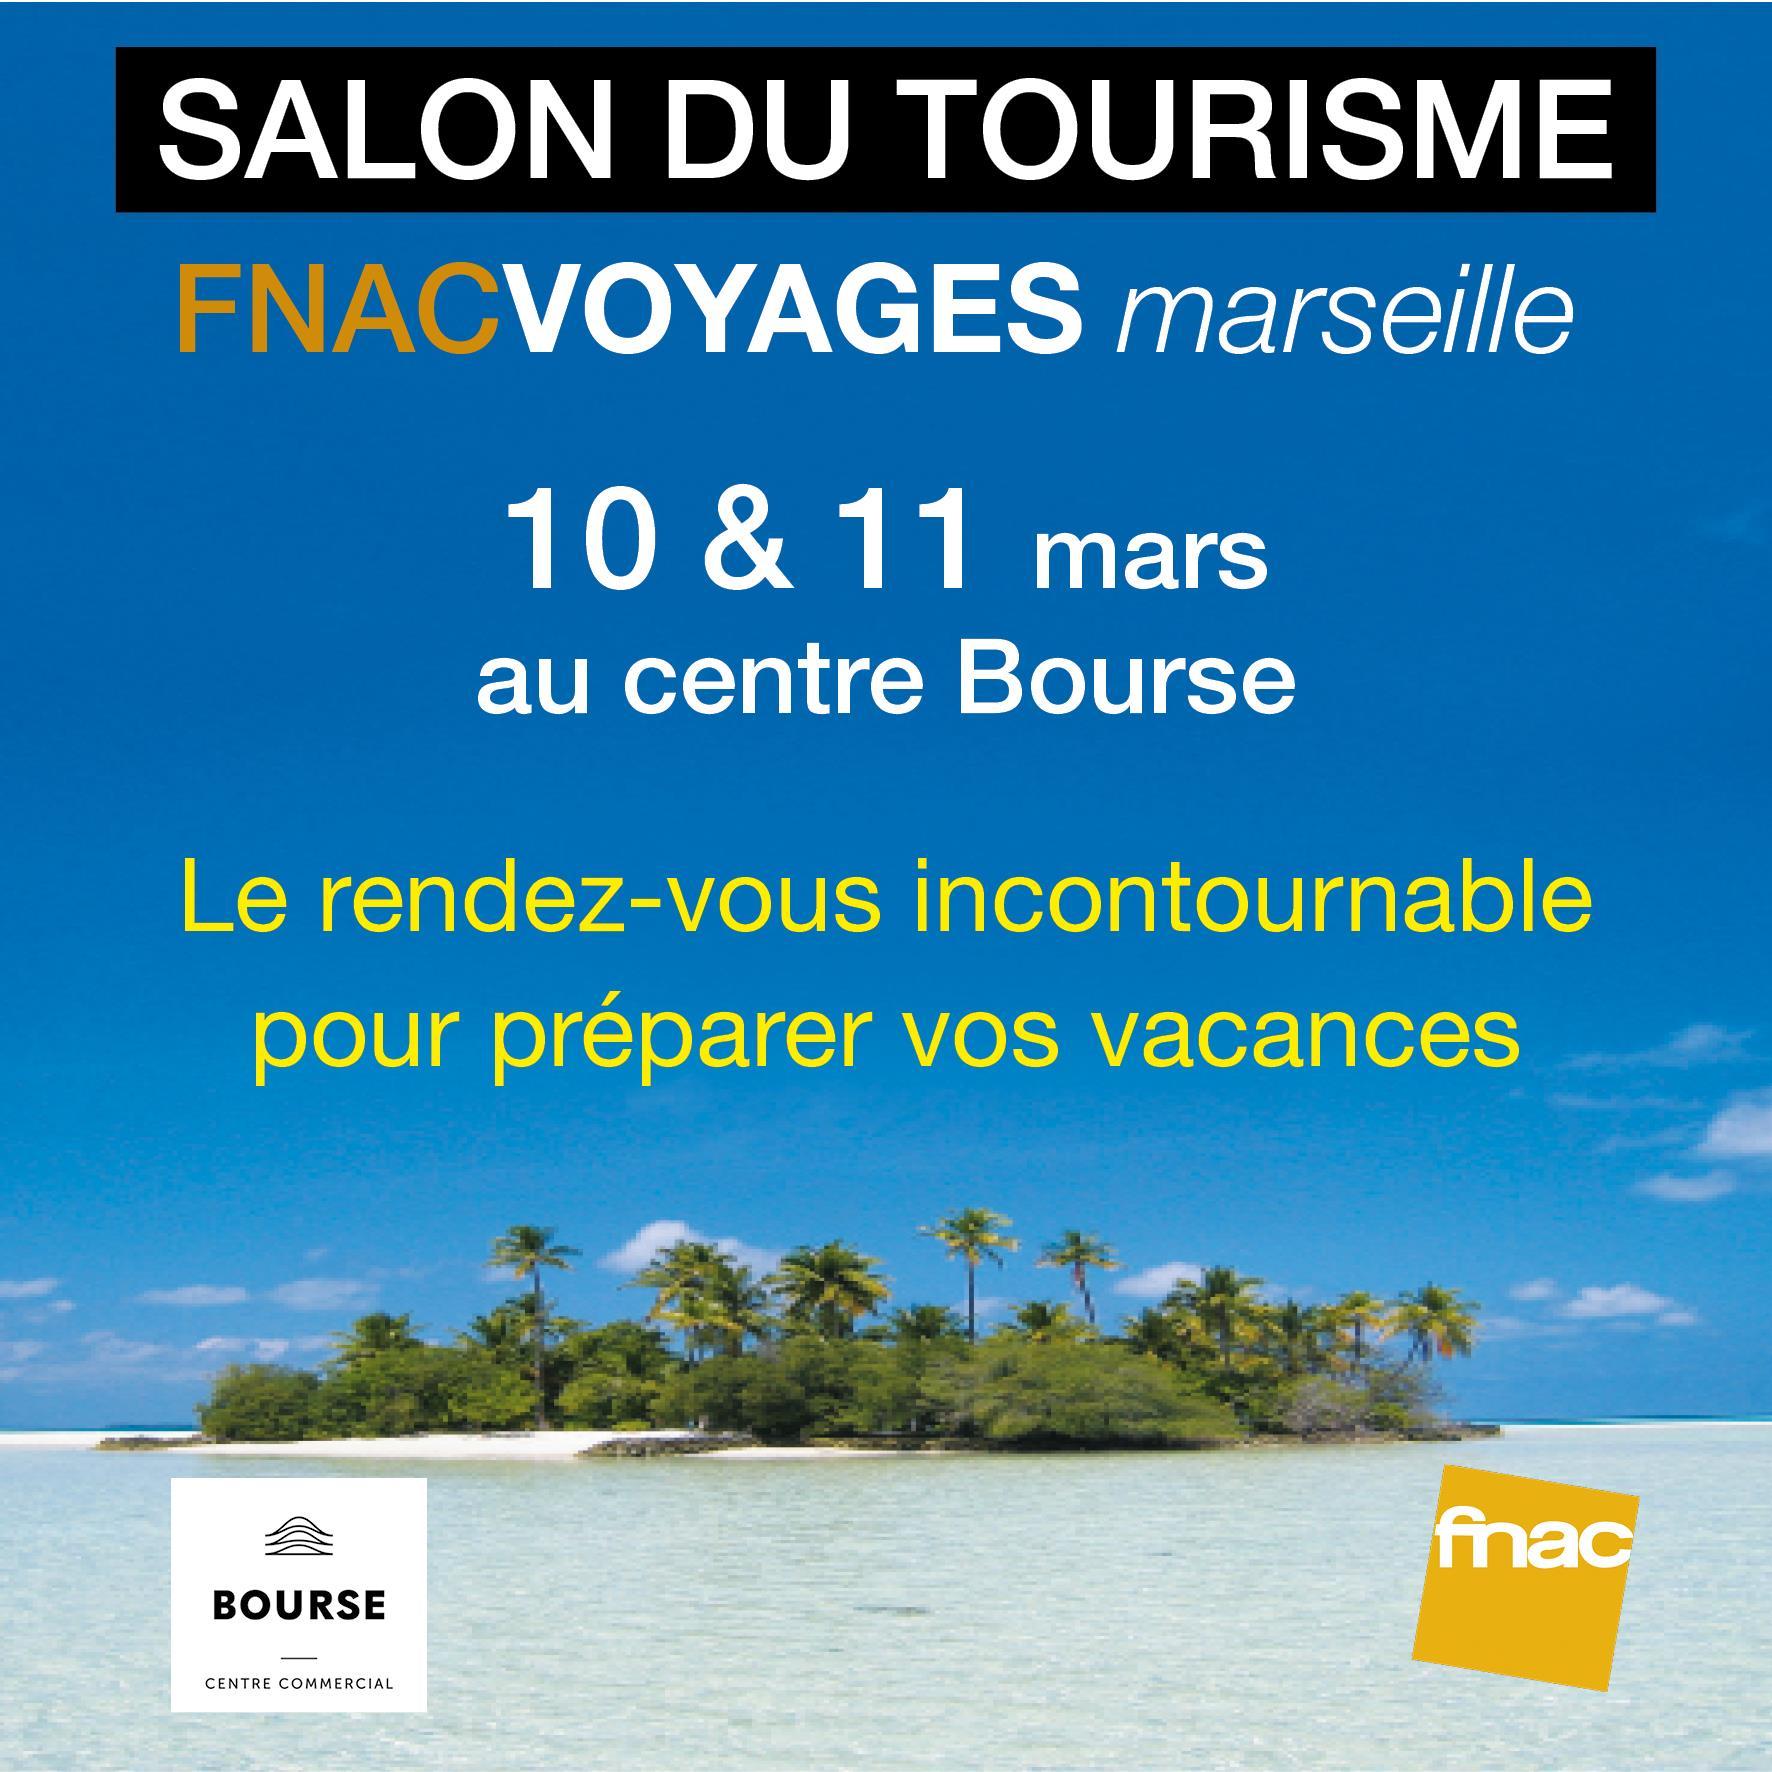 Salon du tourisme fnac voyages marseille conseils d - Salon grand voyageur gare montparnasse ...